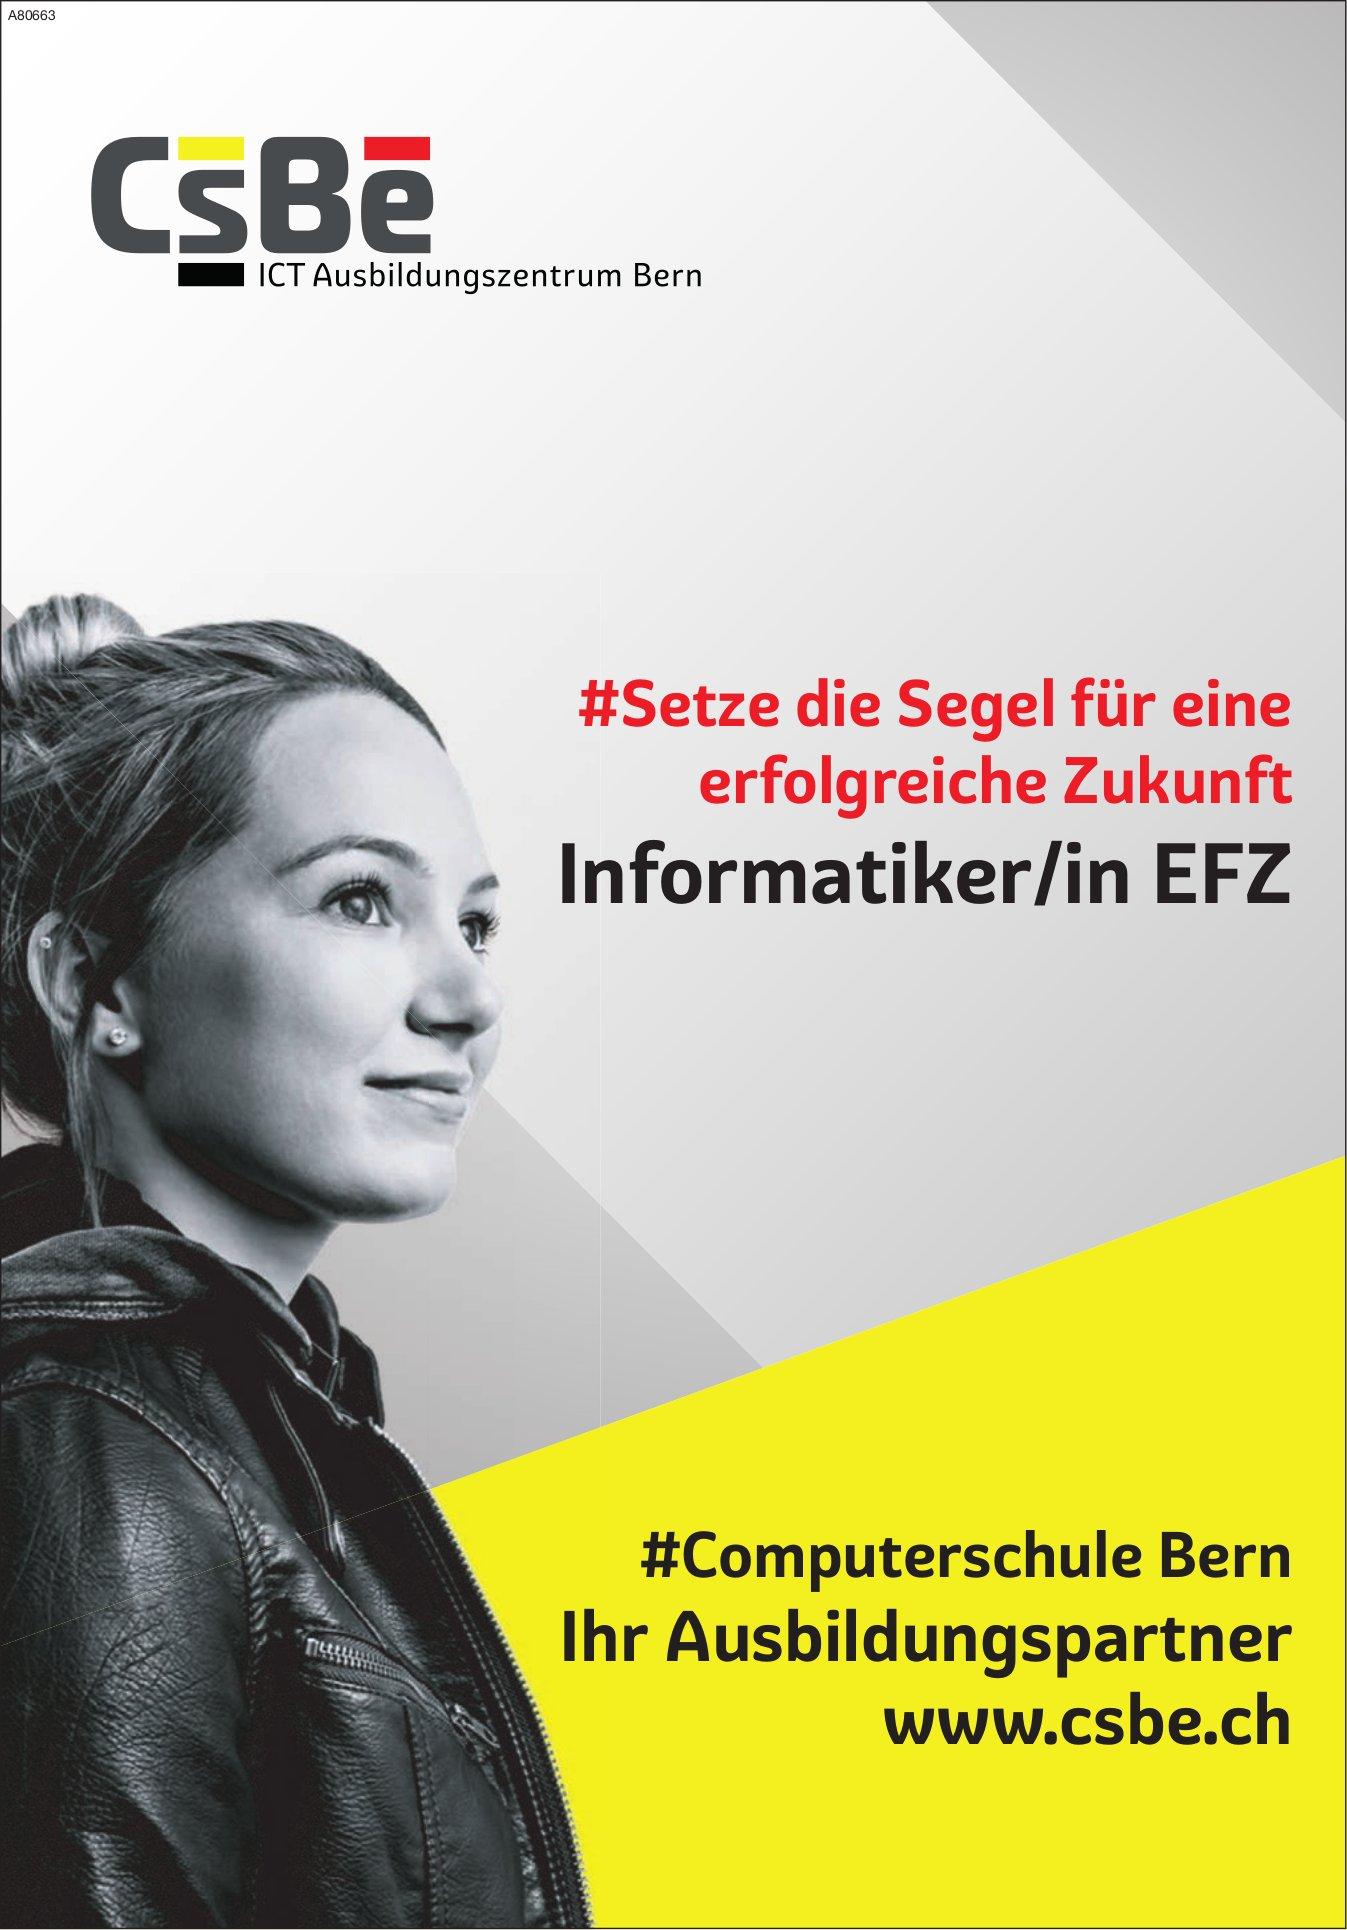 CsBe ICT Ausbildungszentrum Bern - Informatiker/in EFZ